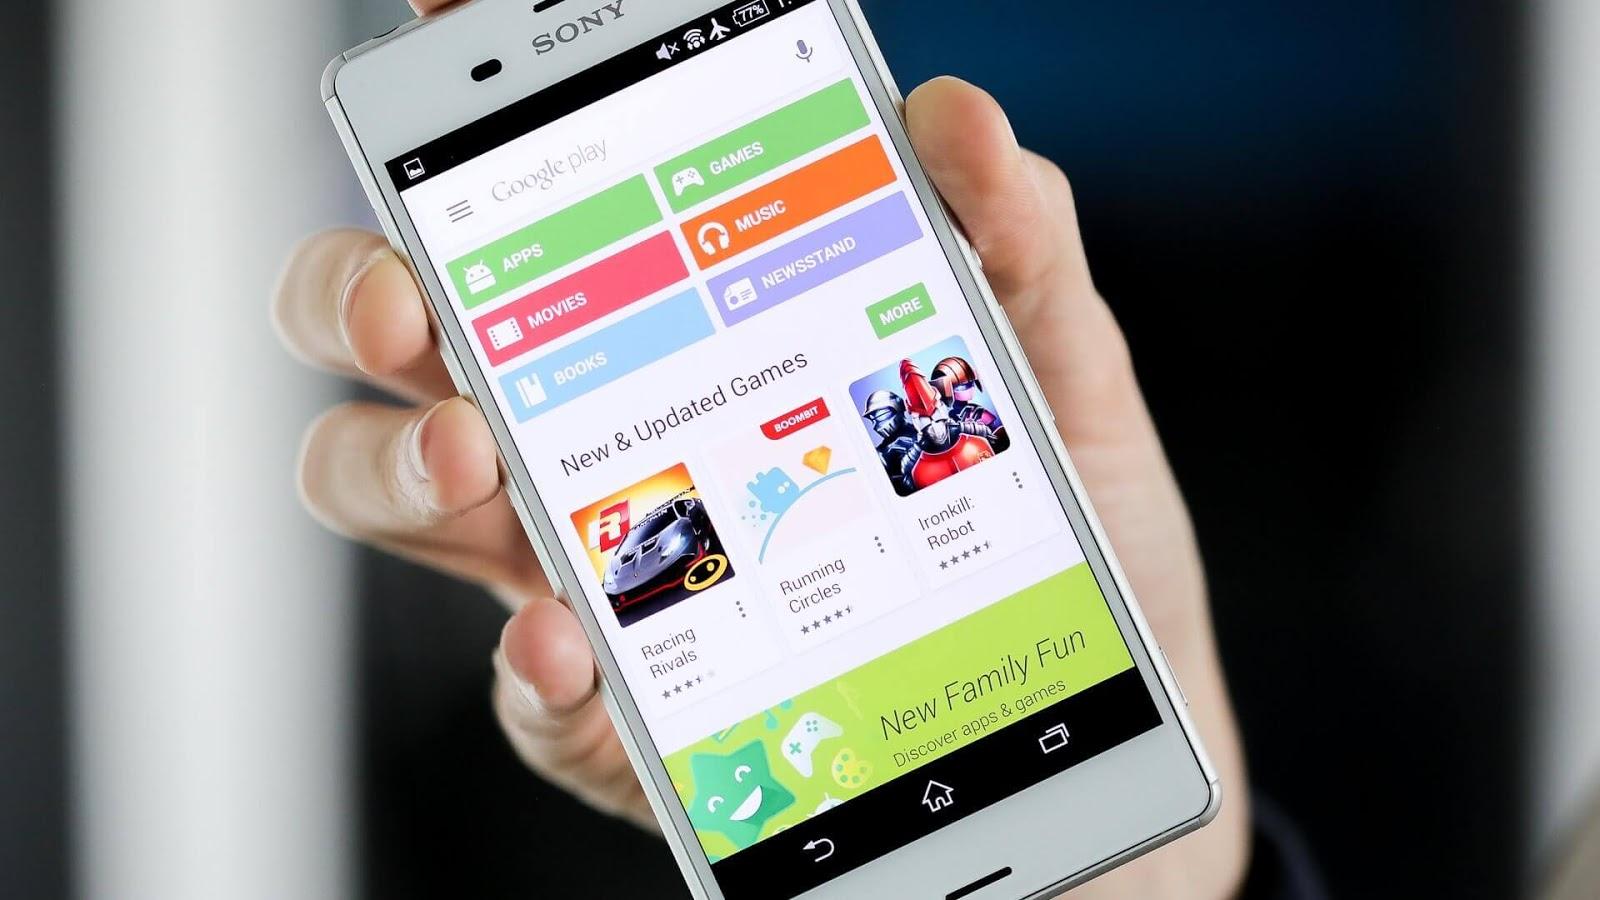 مجانيات اليوم : تطبيقات و العاب مدفوعة بالمجان للايفون و الاندرويد